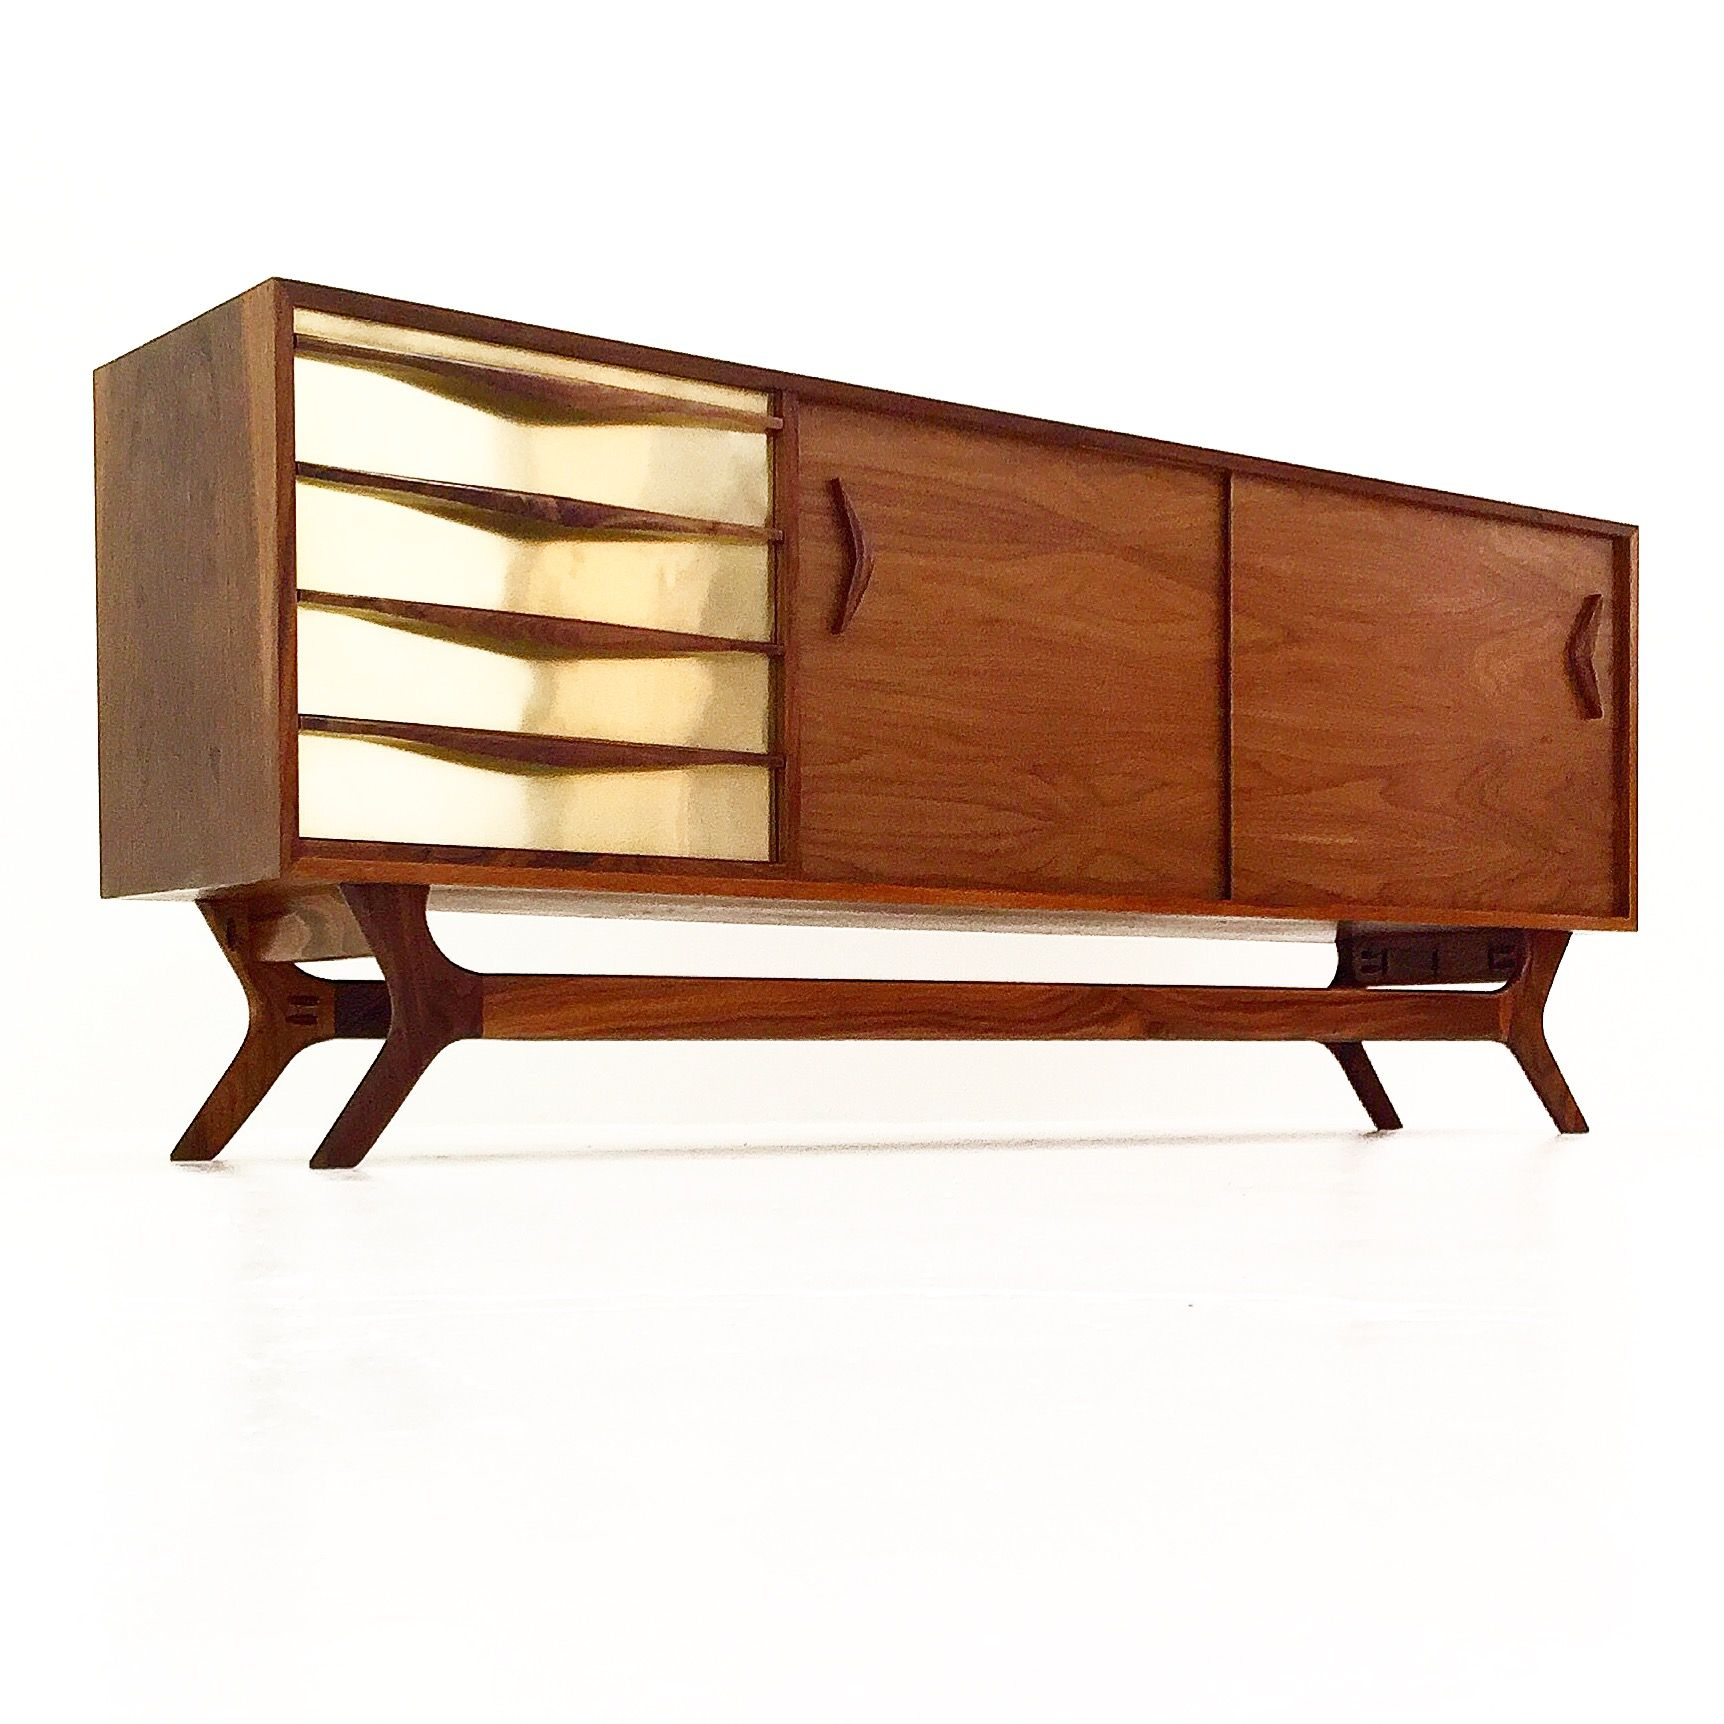 #brass #metal #drawers #credenza #walnut #midcentury #handcarved #madeinla